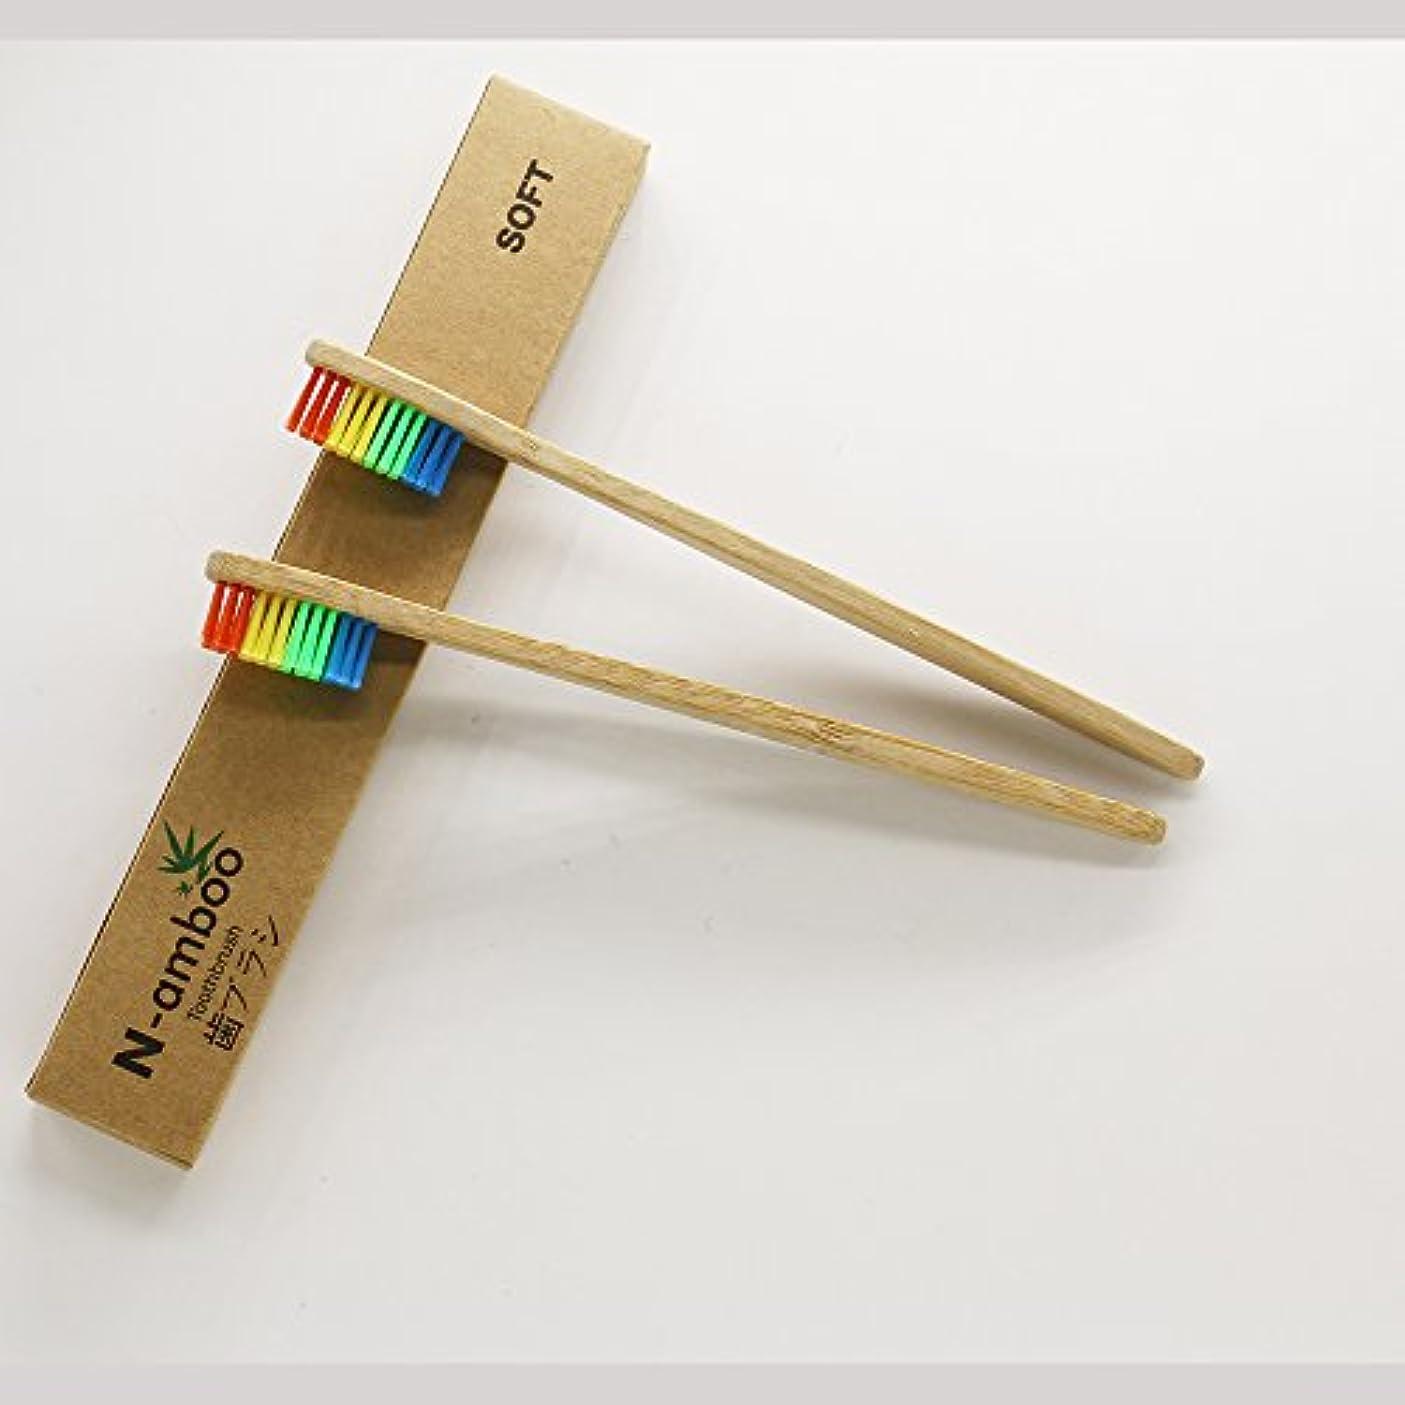 クライストチャーチ奨学金有能なN-amboo 竹製 耐久度高い 歯ブラシ 四色 虹(にじ) 2本入り セット